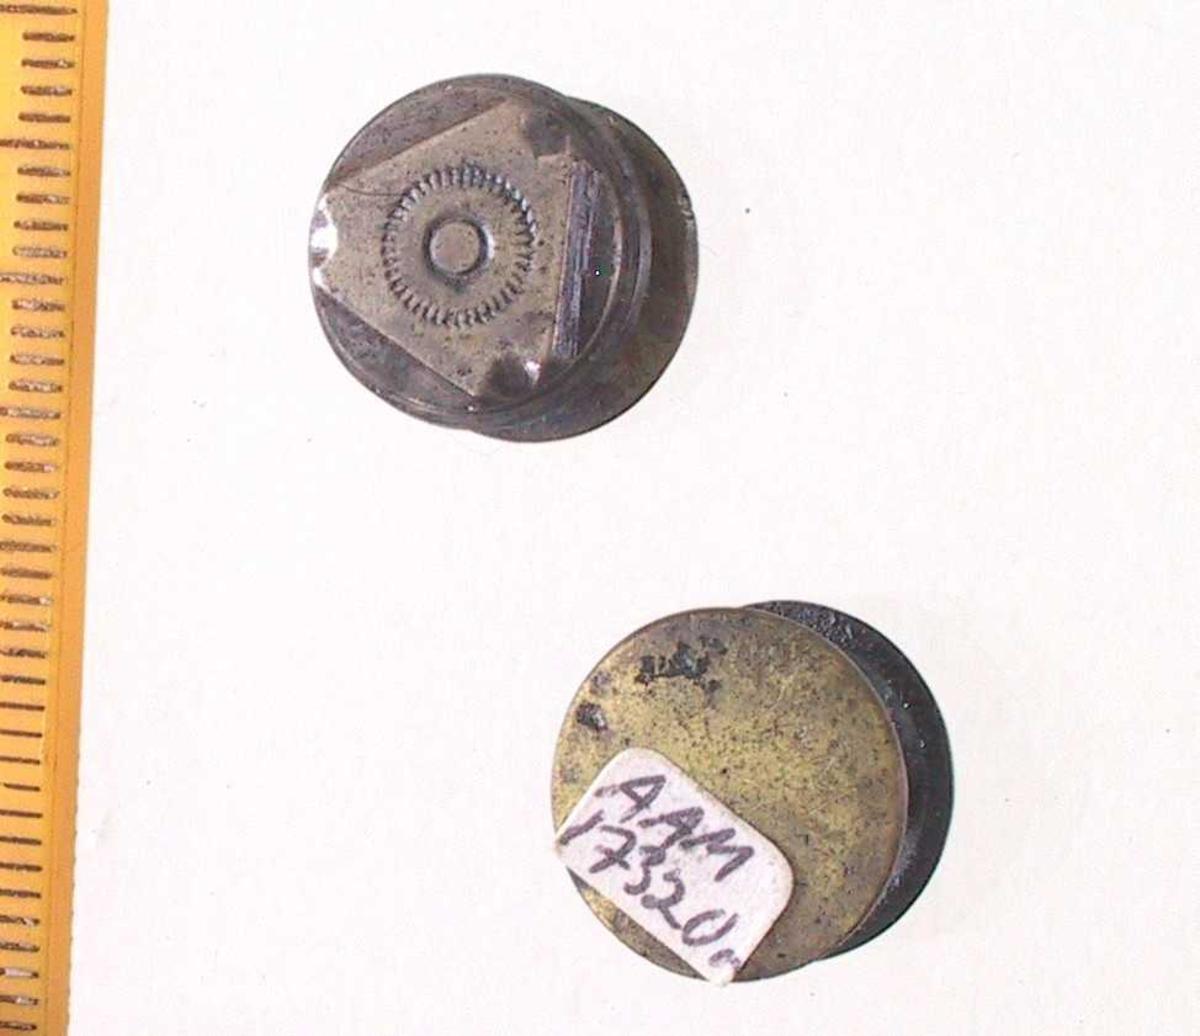 Mansjettknapper,   Sølv  og   messing.  2 doble knapper, bestående av 2  flate skiver med tverrstang.  På den ene x skive en trekantet plate  av sølv dekoevrt med takket sirkel.  Innk.1.juli 1977.   Lå i skrinet med sytråd,  signeter etc.